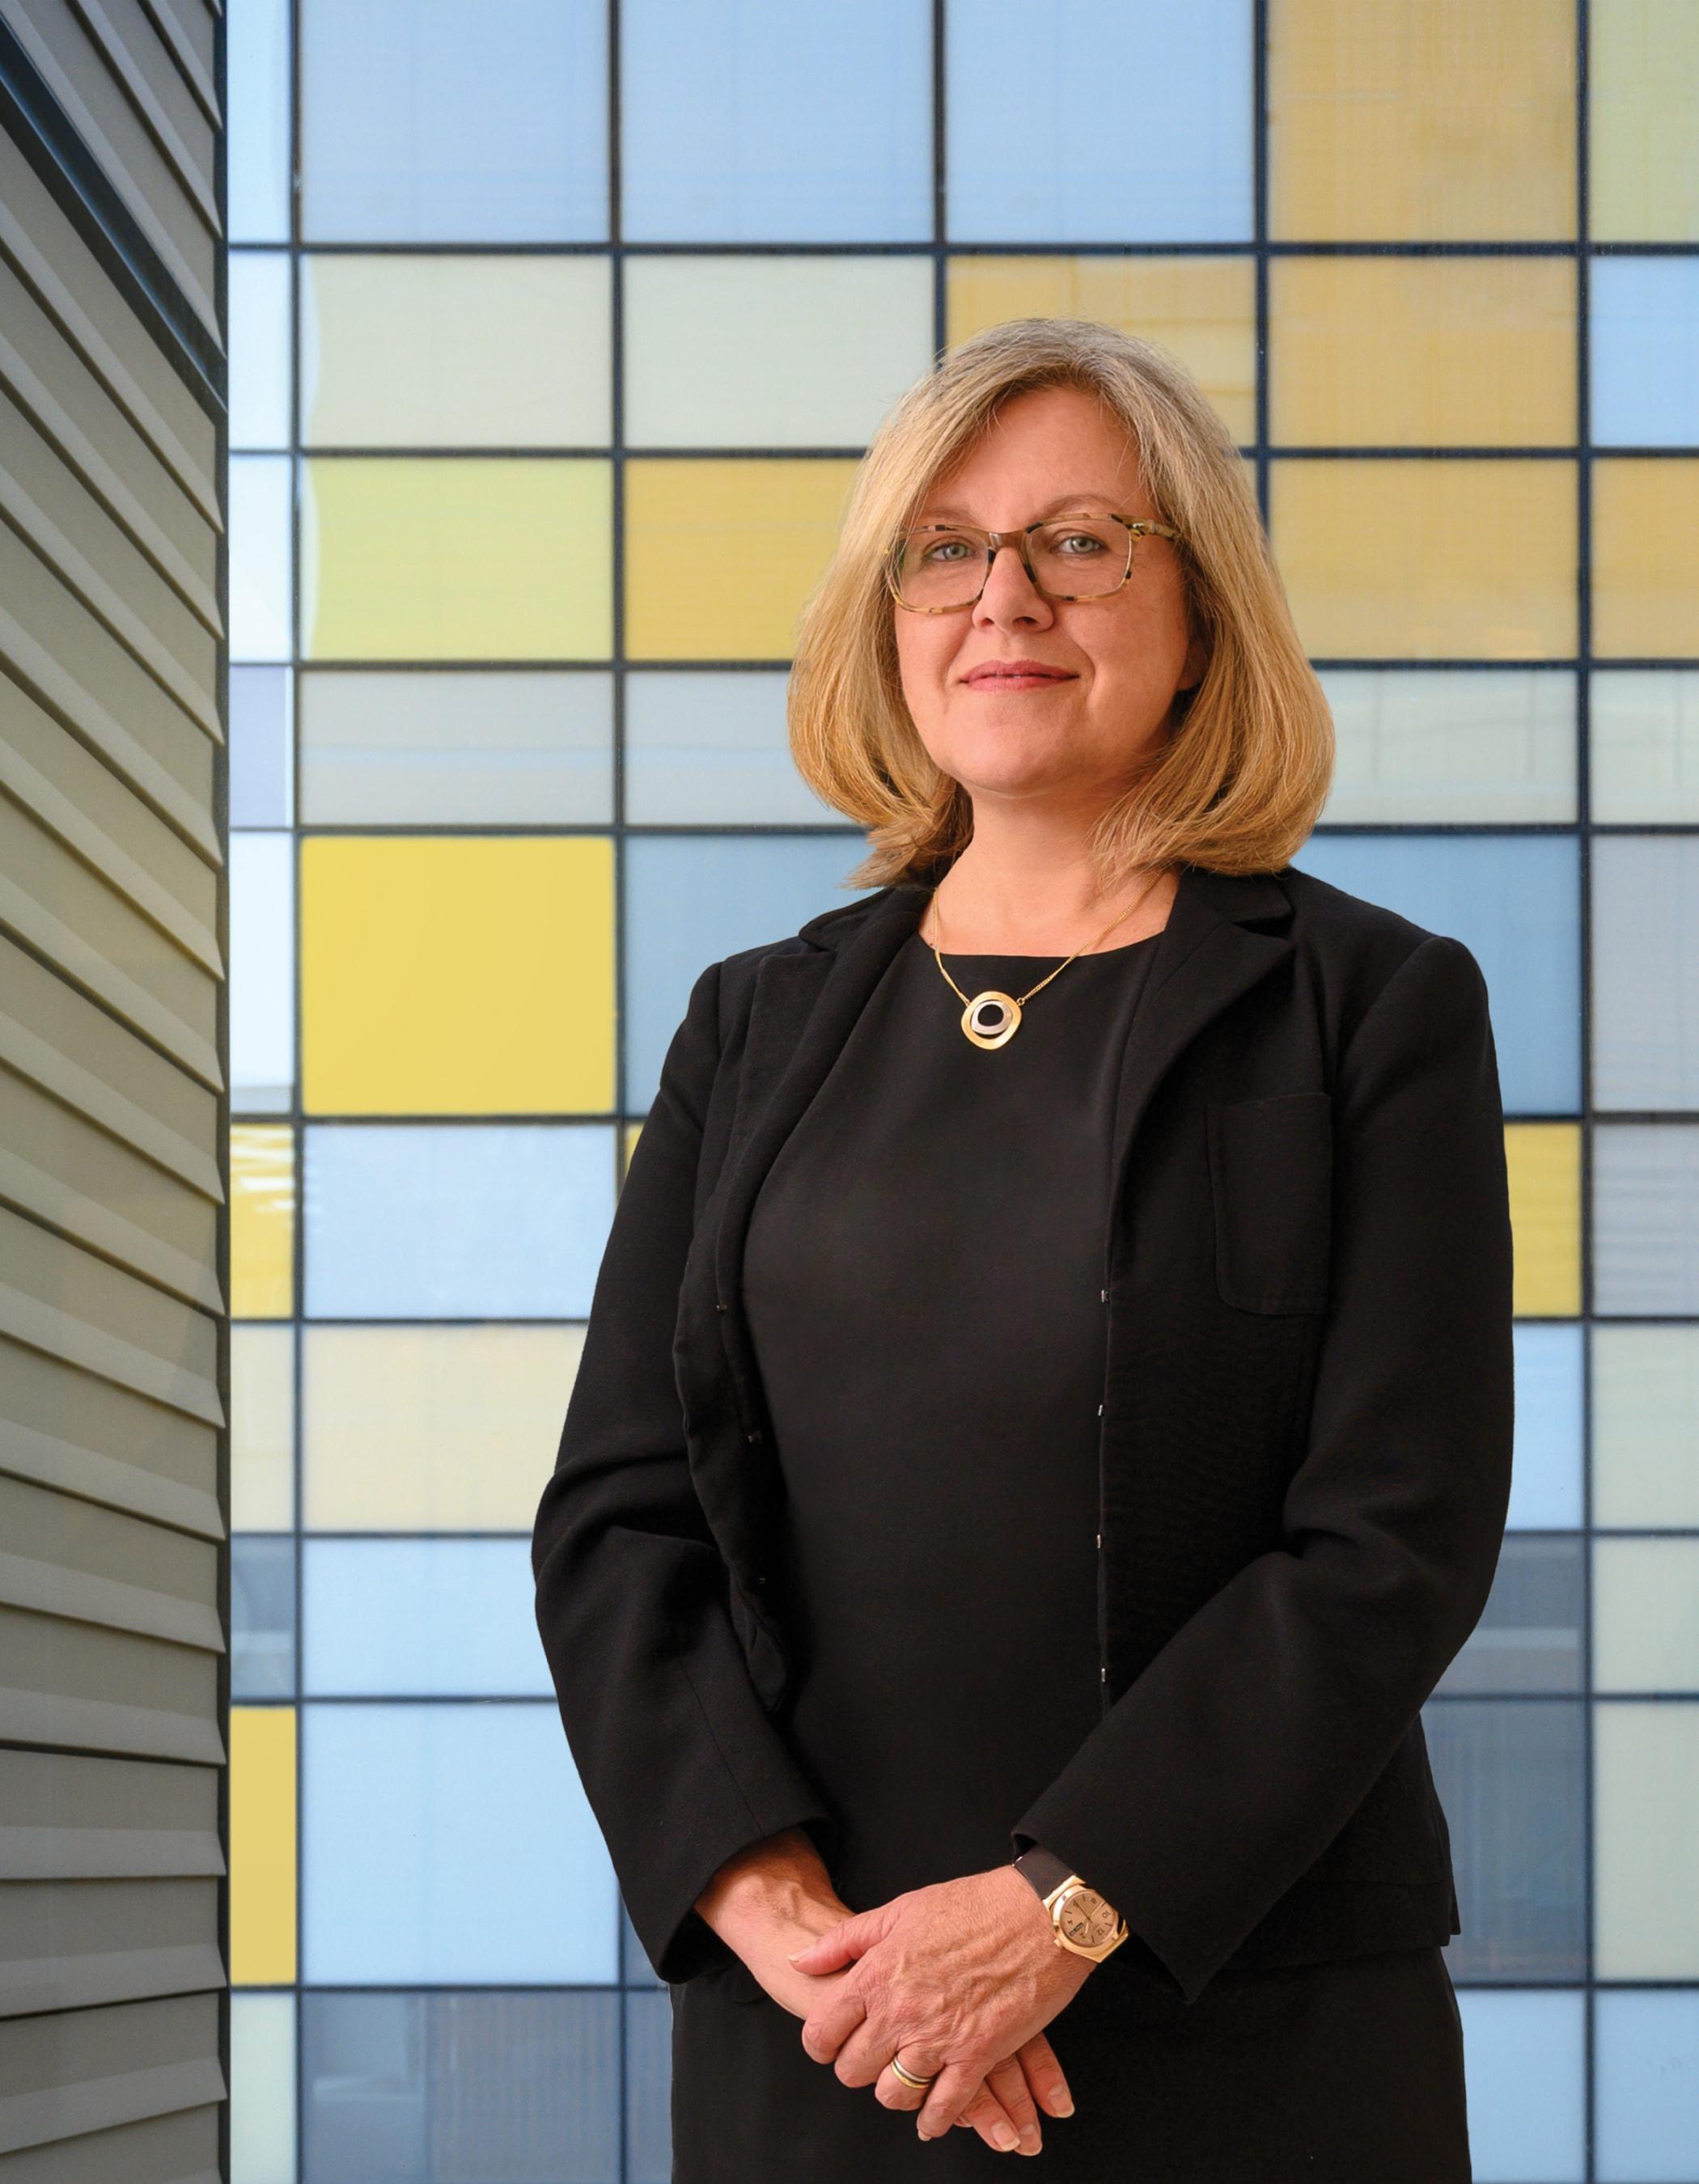 Dr. Barbara Burtness